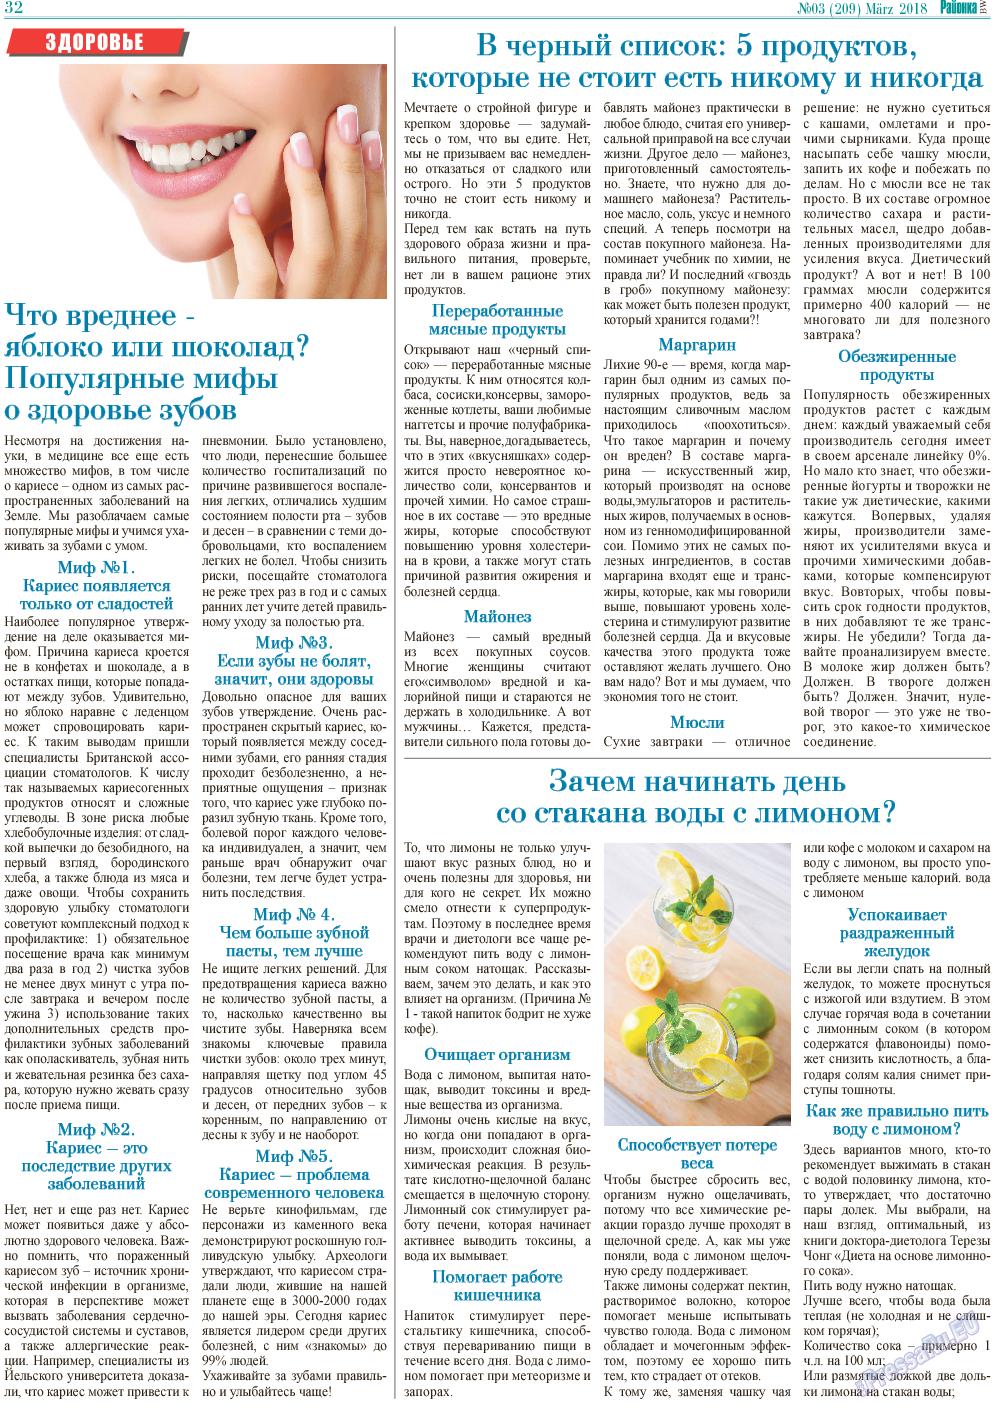 Районка-West (газета). 2018 год, номер 3, стр. 32